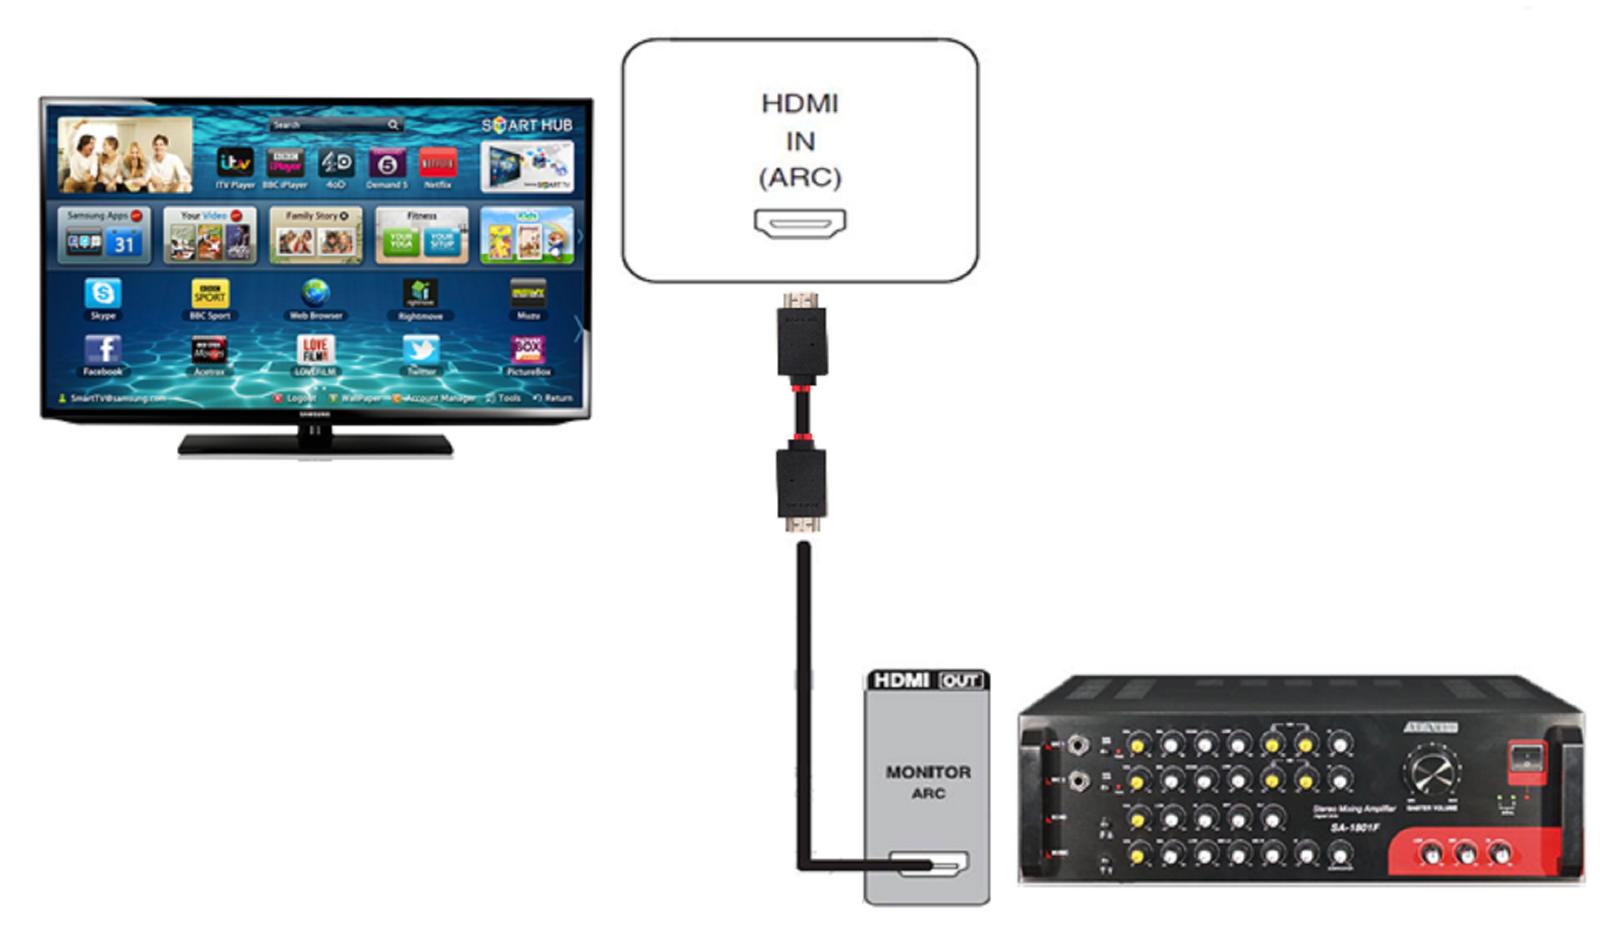 Cách kết nối Ampli với Tivi nhanh chóng và hiệu quả